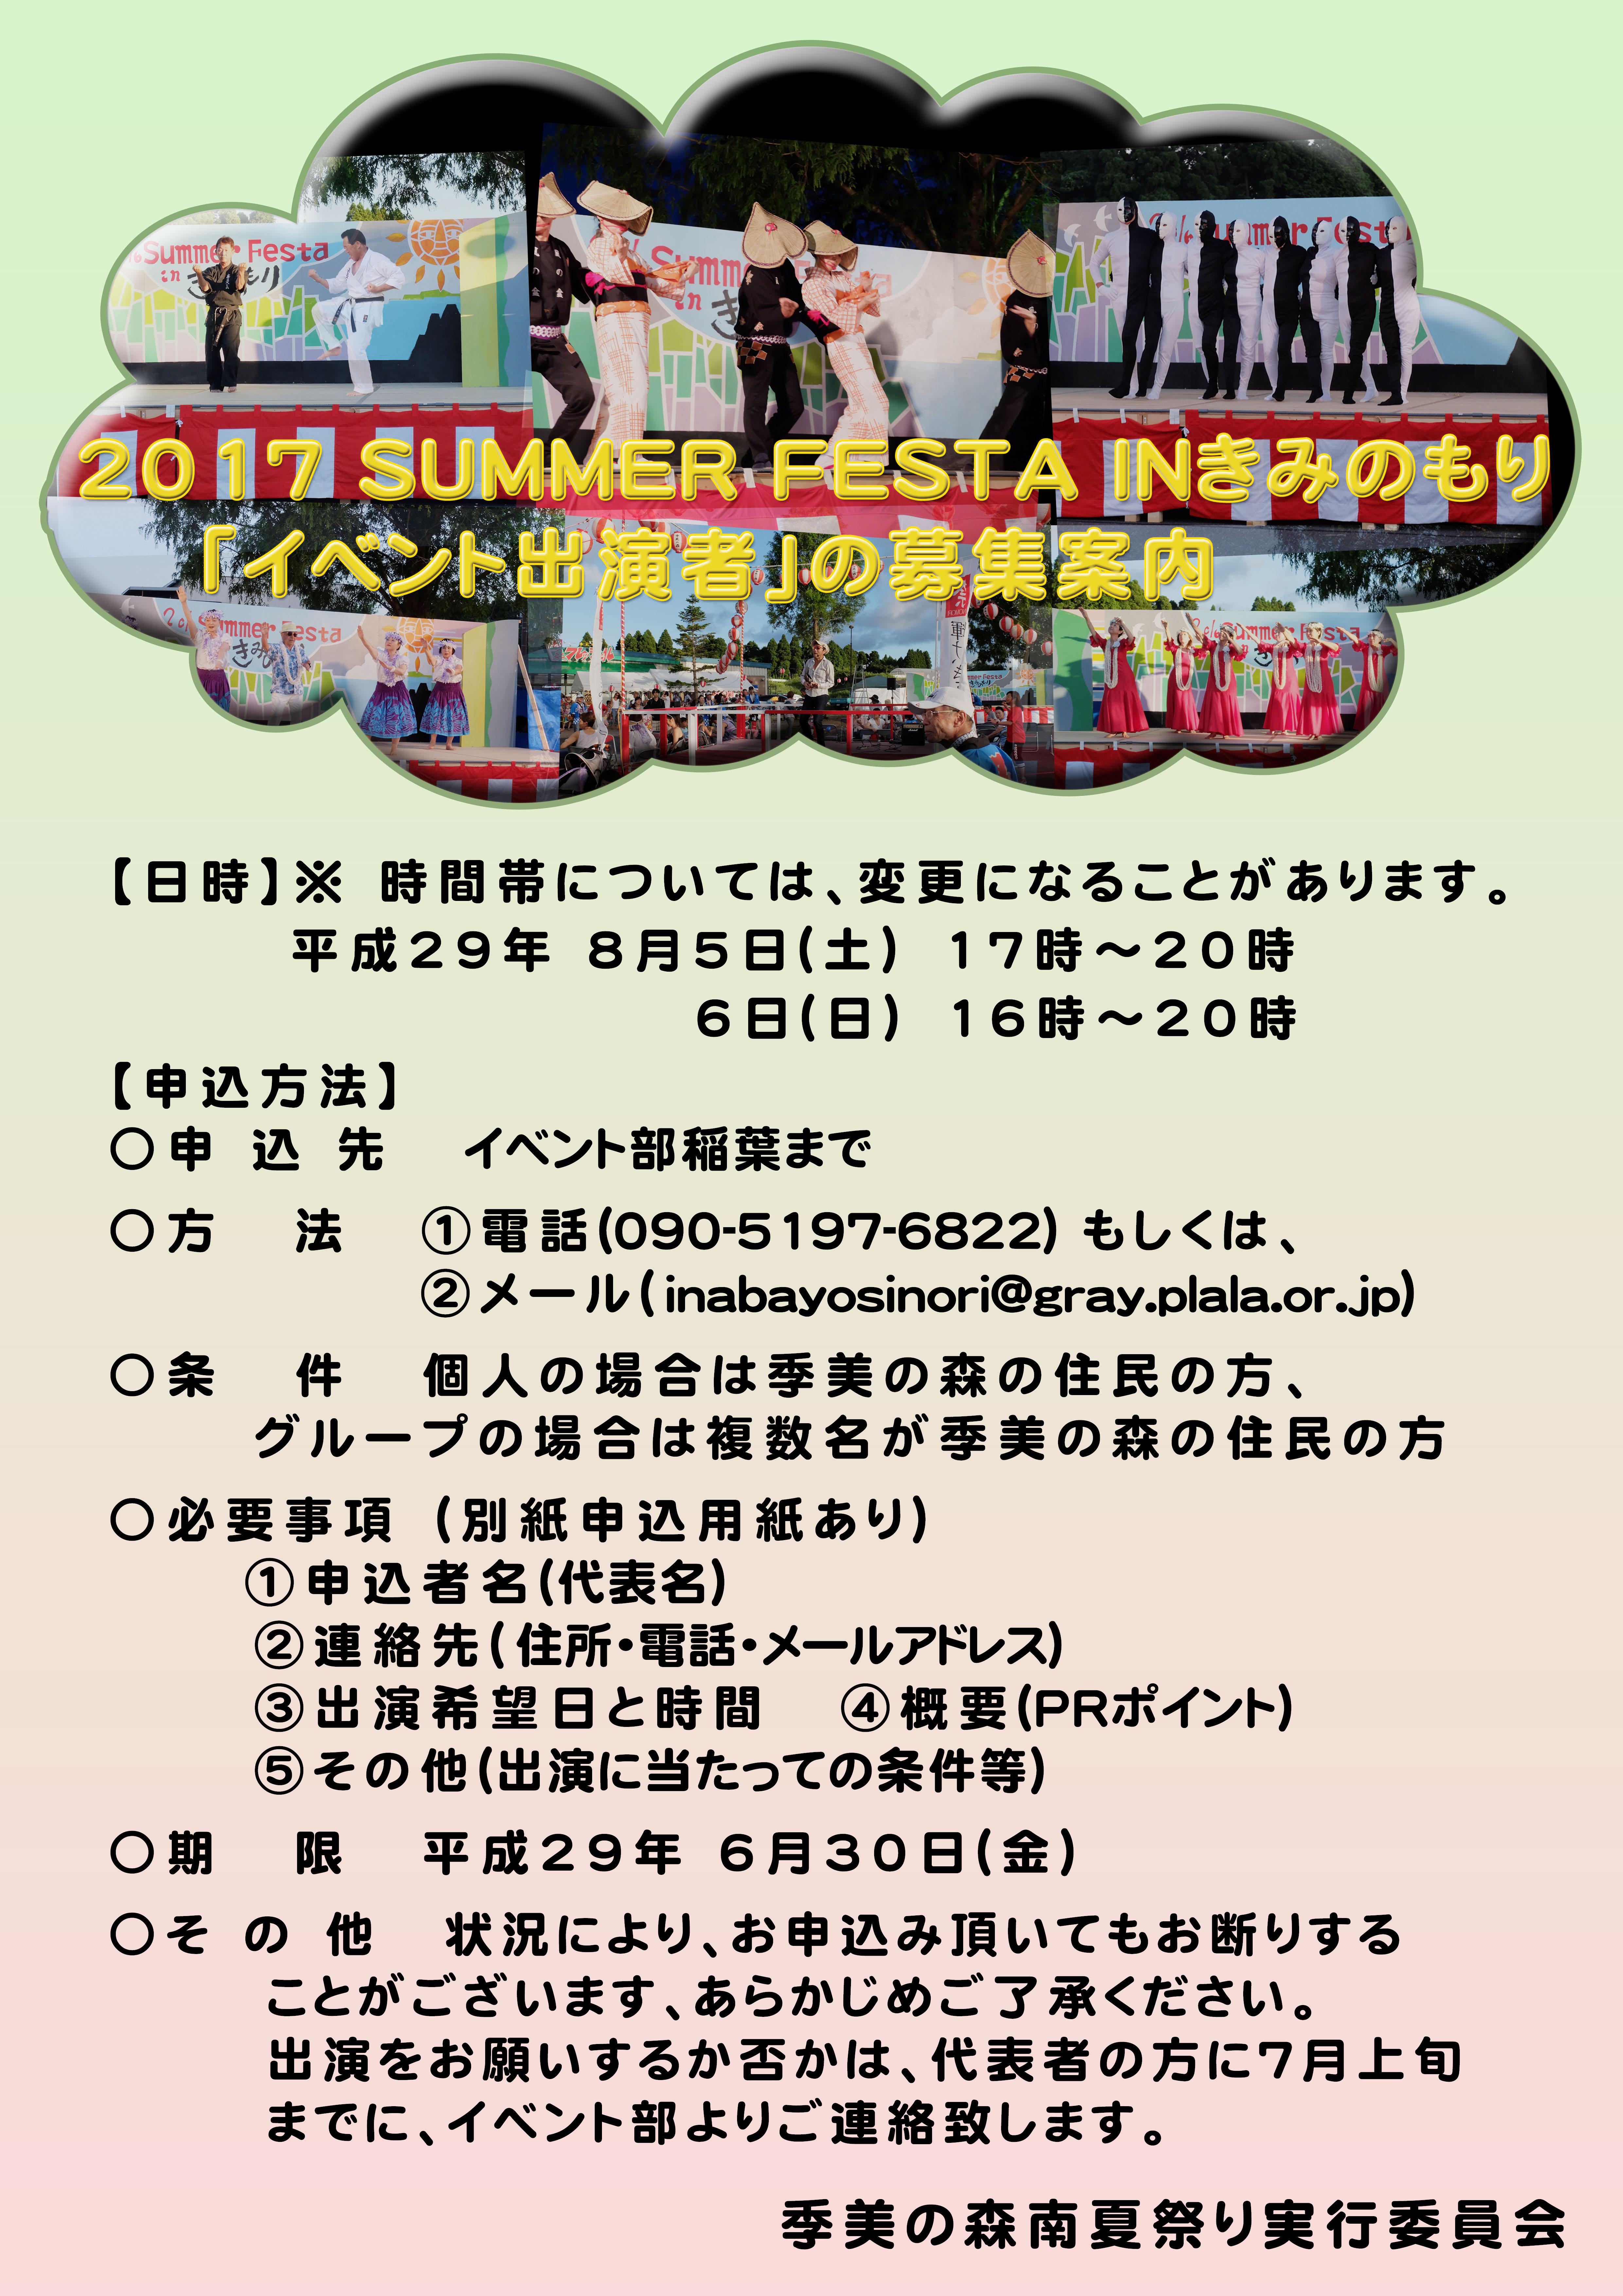 2017夏祭りイベント募集